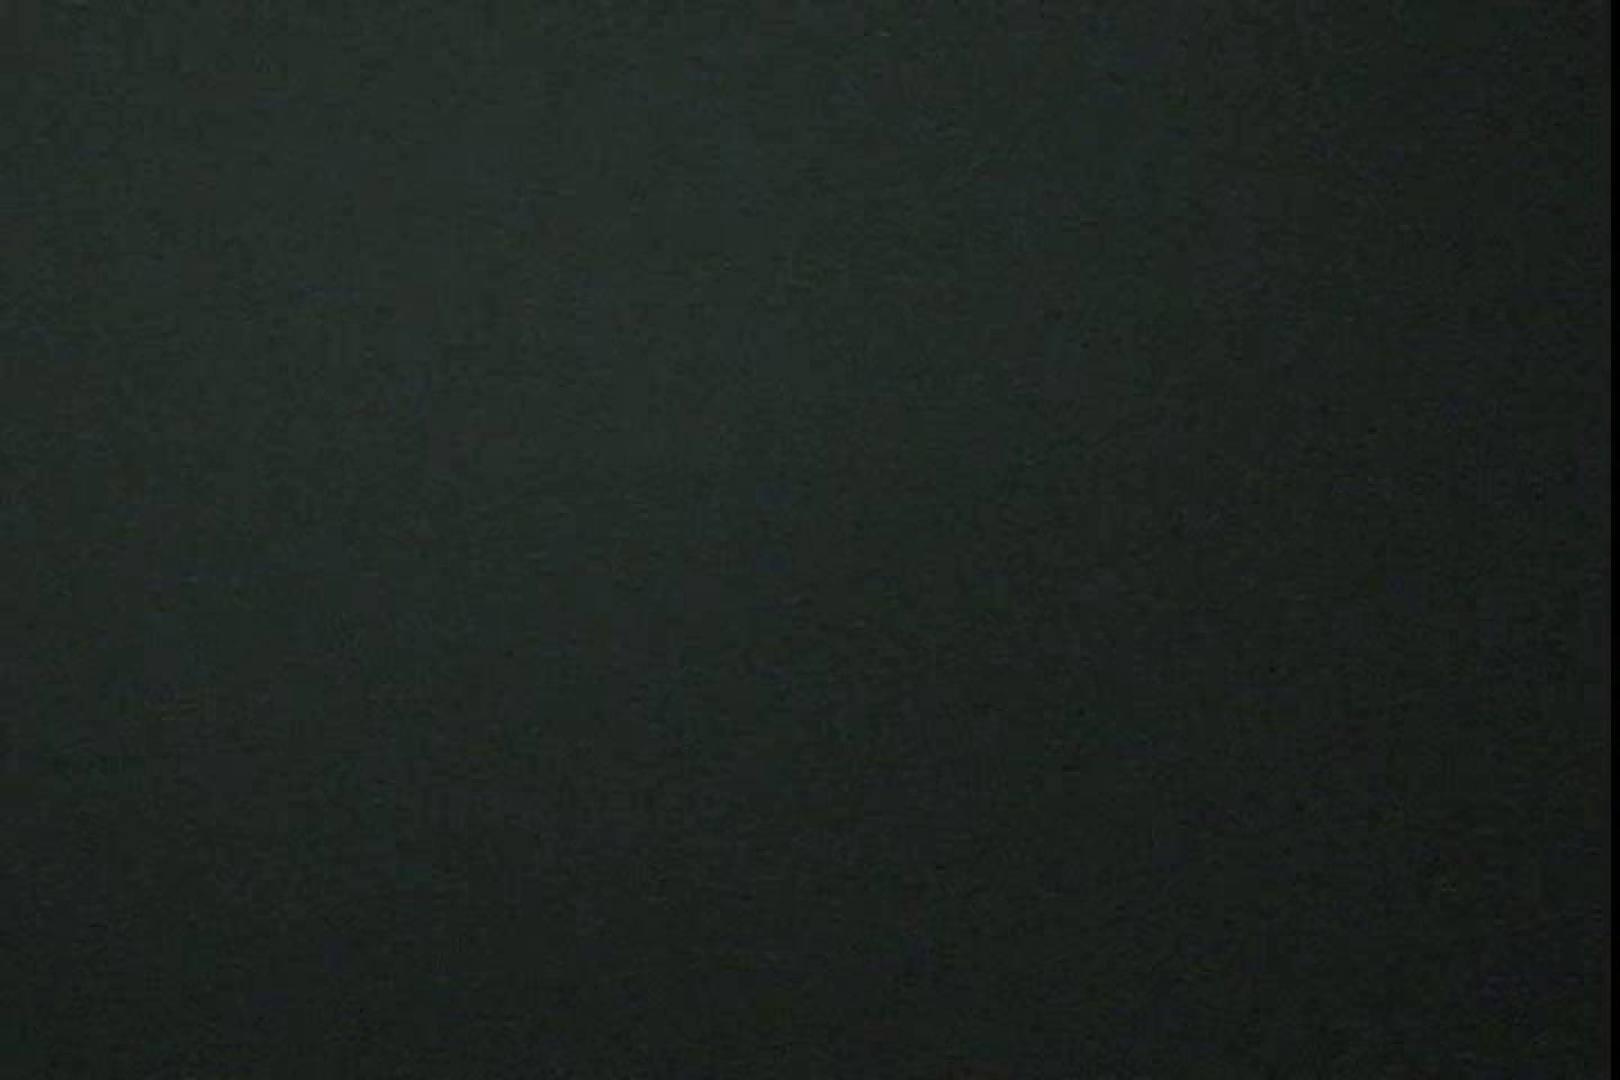 赤外線ムレスケバレー(汗) vol.02 赤外線 セックス無修正動画無料 93pic 80